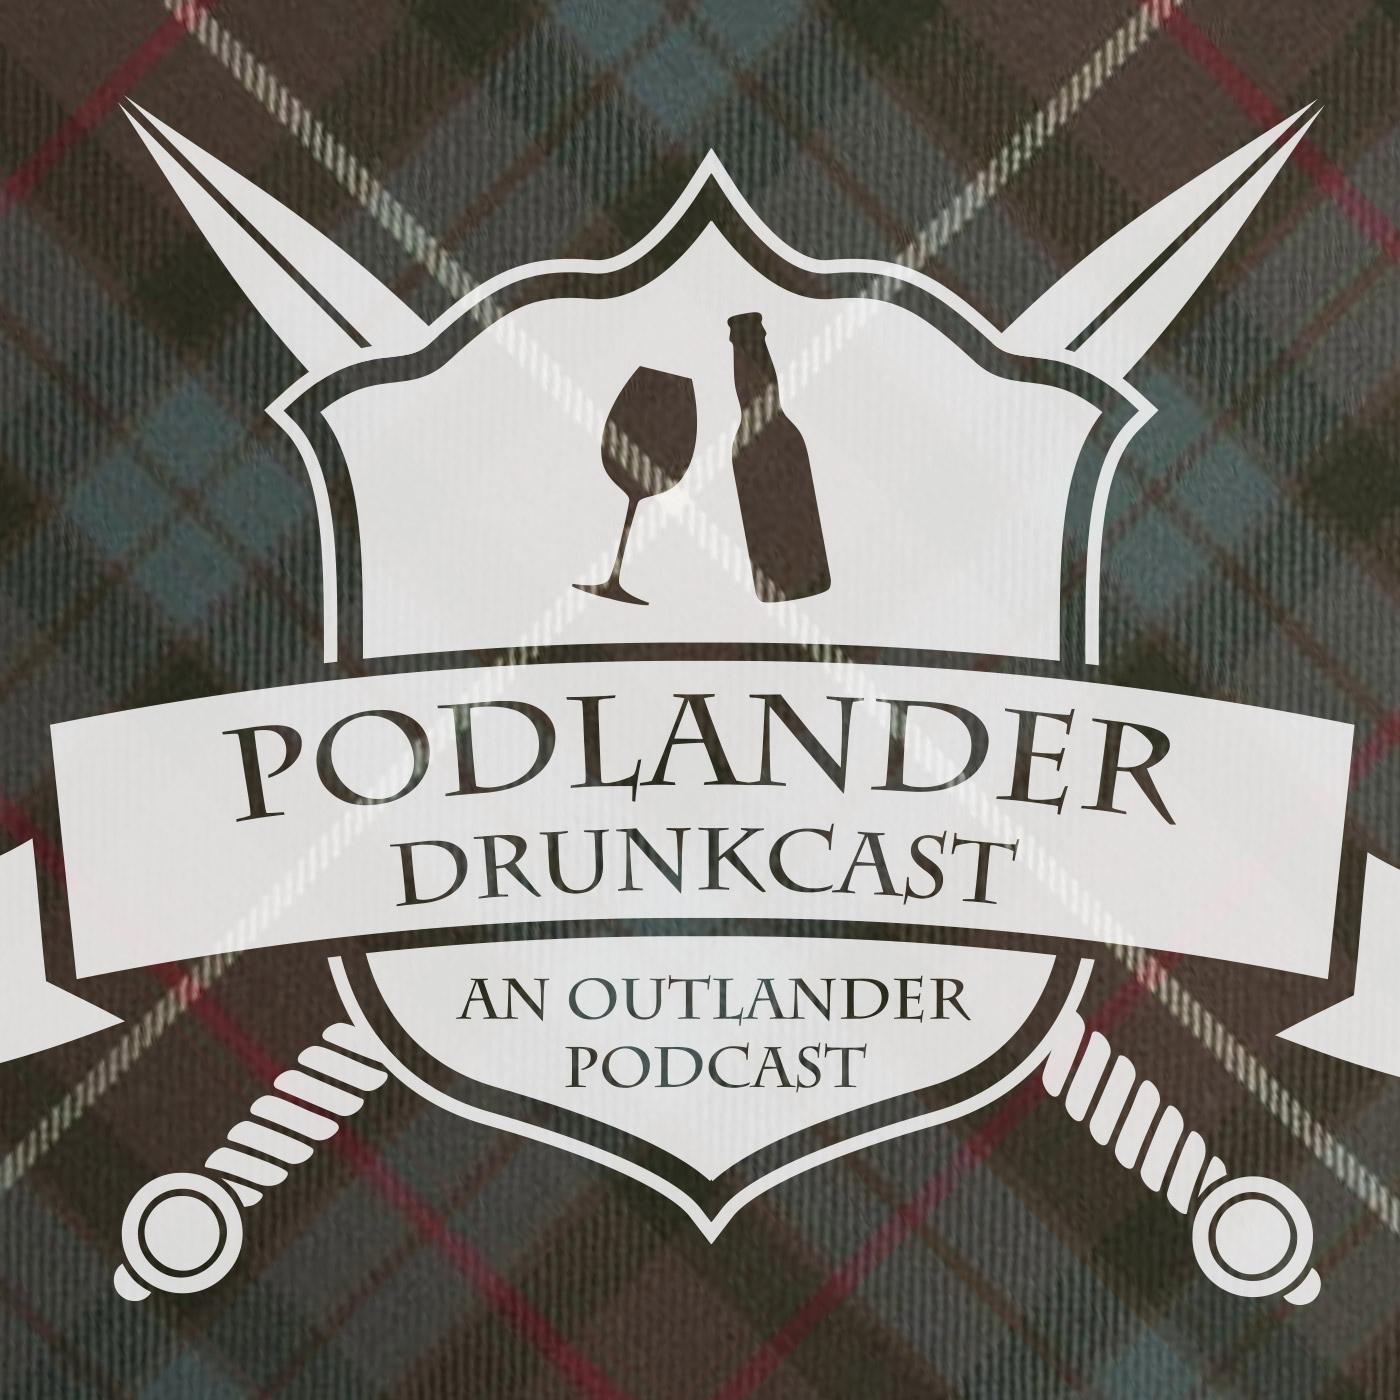 Podlander Drunkcast show art